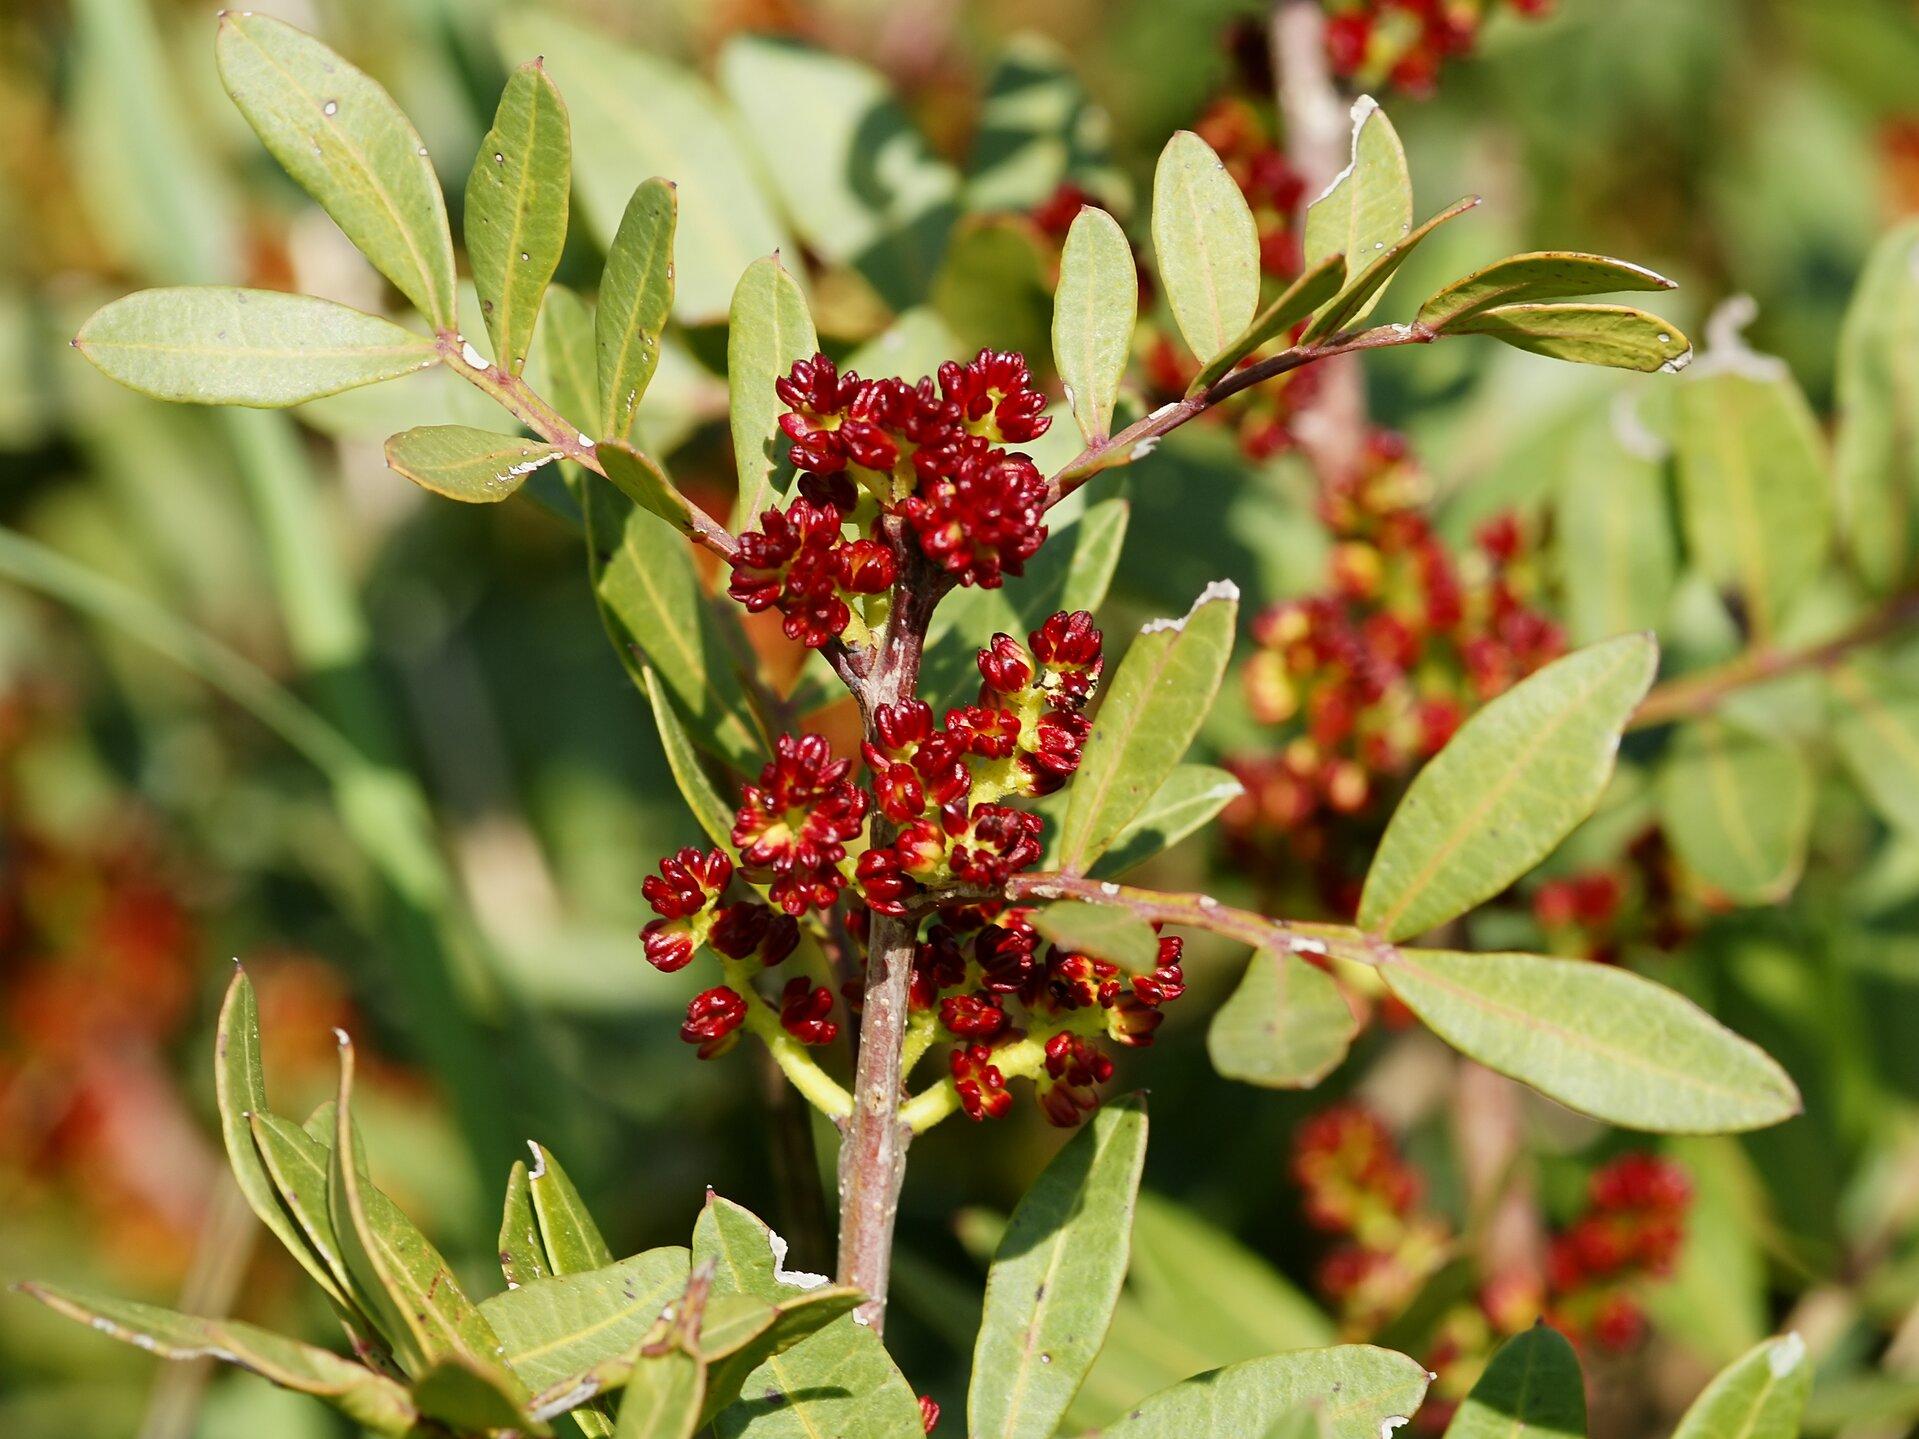 Na zdjęciu czerwone owoce pistacji na gałązce. Drobne, mięsiste, zebrane wgrona. Liście wąskie, złożone.